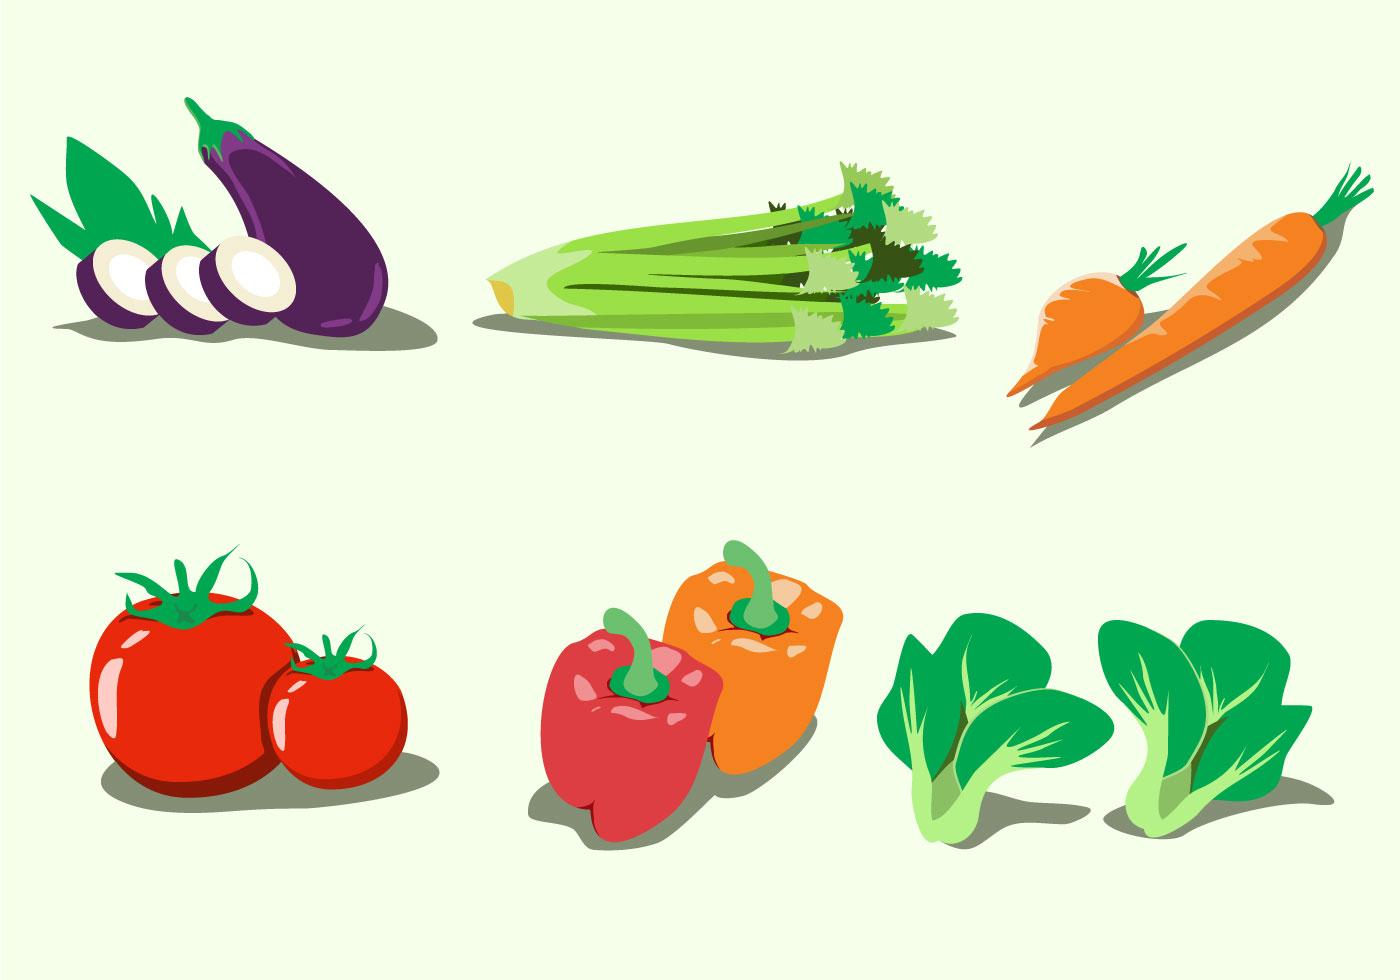 Healthy Vegetables Vector - Download Free Vector Art ...